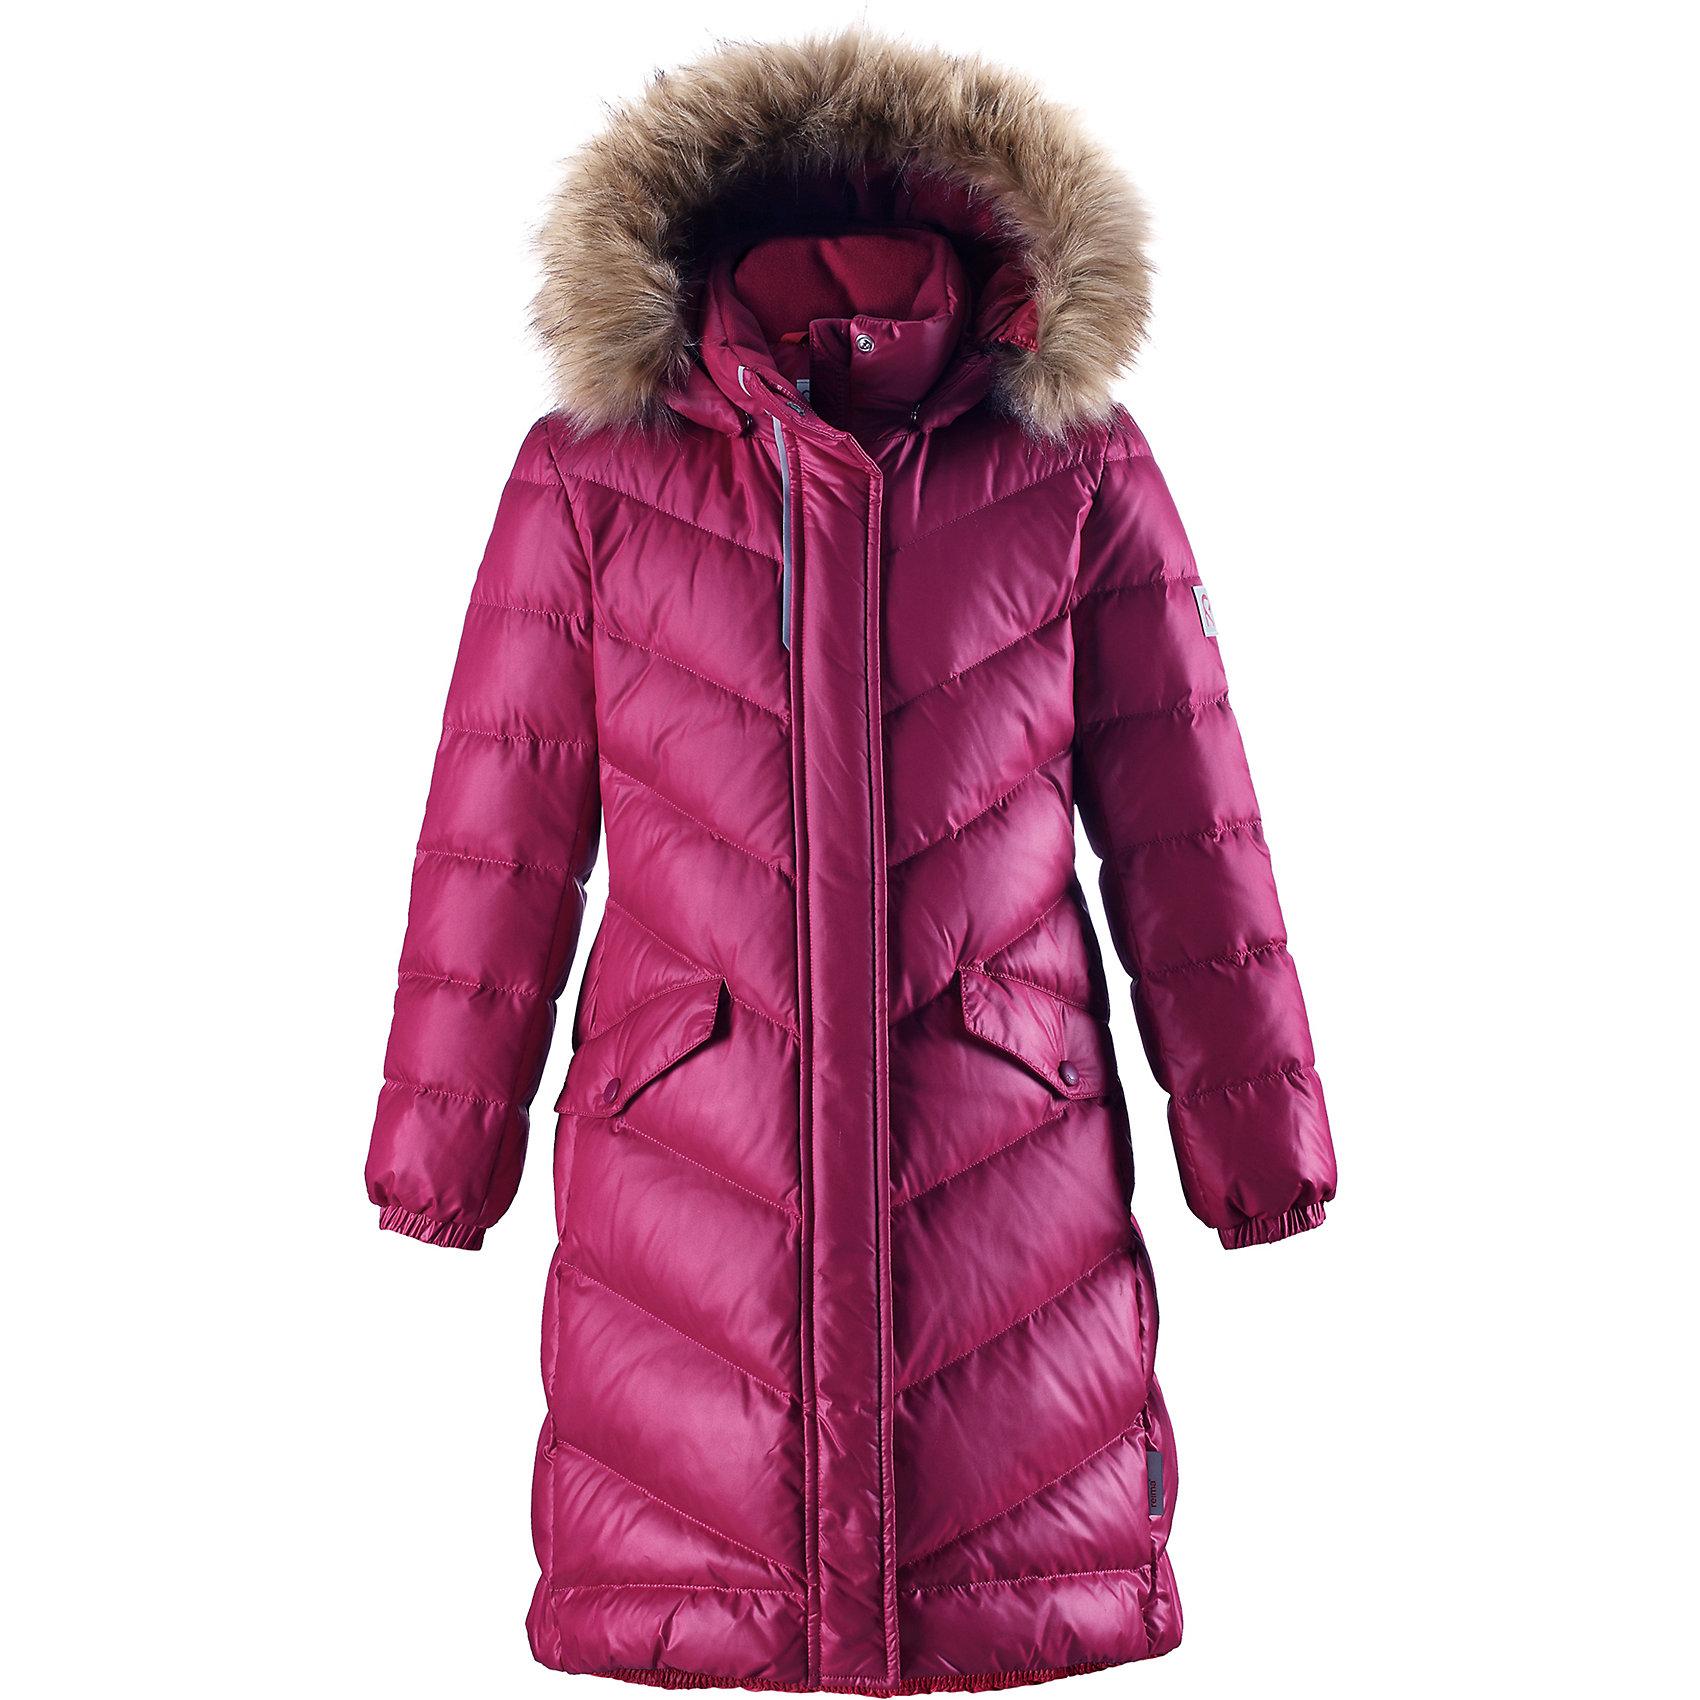 Куртка Reimatec® Reima Satu для девочкиВерхняя одежда<br>Характеристики товара:<br><br>• цвет: розовый;<br>• состав: 100% полиэстер;<br>• подкладка: 100% полиэстер;<br>• утеплитель: 60% пух, 40% перо;<br>• сезон: зима;<br>• температурный режим: от 0 до -30С;<br>• водонепроницаемость: 15000 мм;<br>• воздухопроницаемость: 7000 мм;<br>• износостойкость: 40000 циклов (тест Мартиндейла);<br>• водо- и ветронепроницаемый, дышащий и грязеотталкивающий материал;<br>• все швы проклеены и водонепроницаемы;<br>• застежка: молния с защитой подбородка;<br>• гладкая подкладка из полиэстера;<br>• безопасный съемный капюшон;<br>• съемный искусственный мех на капюшоне;<br>• эластичные манжеты;<br>• эластичная талия и подол;<br>• удлиненная модель;<br>• два кармана с кнопками;<br>• светоотражающие детали;<br>• страна бренда: Финляндия;<br>• страна изготовитель: Китай.<br><br>Превосходная, очень теплая зимняя куртка будет модно смотреться на прогулке по городу! У этой пуховой куртки для подростков очень красивый приталенный и удлиненный силуэт – специально для девочек. Куртка изготовлена из водоотталкивающего и дышащего, ветронепроницаемого материала, в ней вашей зимней принцессе будет тепло и уютно в морозный день. <br><br>Благодаря гладкому полиэстеру на подкладке, куртка легко надевается, а удобная двусторонняя молния превратит одевание в веселую игру. Эластичный поясок на спинке придает этой модной куртке красивый силуэт. Куртка снабжена безопасным съемным капюшоном со стильной съемной отделкой из искусственного меха. <br><br>Обратите внимание на удобную петельку, спрятанную в кармане с клапаном – к ней можно прикрепить любимый светоотражатель ребенка для обеспечения безопасности и лучшей видимости.<br><br>Куртку Satu для девочки Reimatec® Reima от финского бренда Reima (Рейма) можно купить в нашем интернет-магазине.<br><br>Ширина мм: 356<br>Глубина мм: 10<br>Высота мм: 245<br>Вес г: 519<br>Цвет: розовый<br>Возраст от месяцев: 48<br>Возраст до месяцев: 60<br>Пол: Женский<br>Возраст